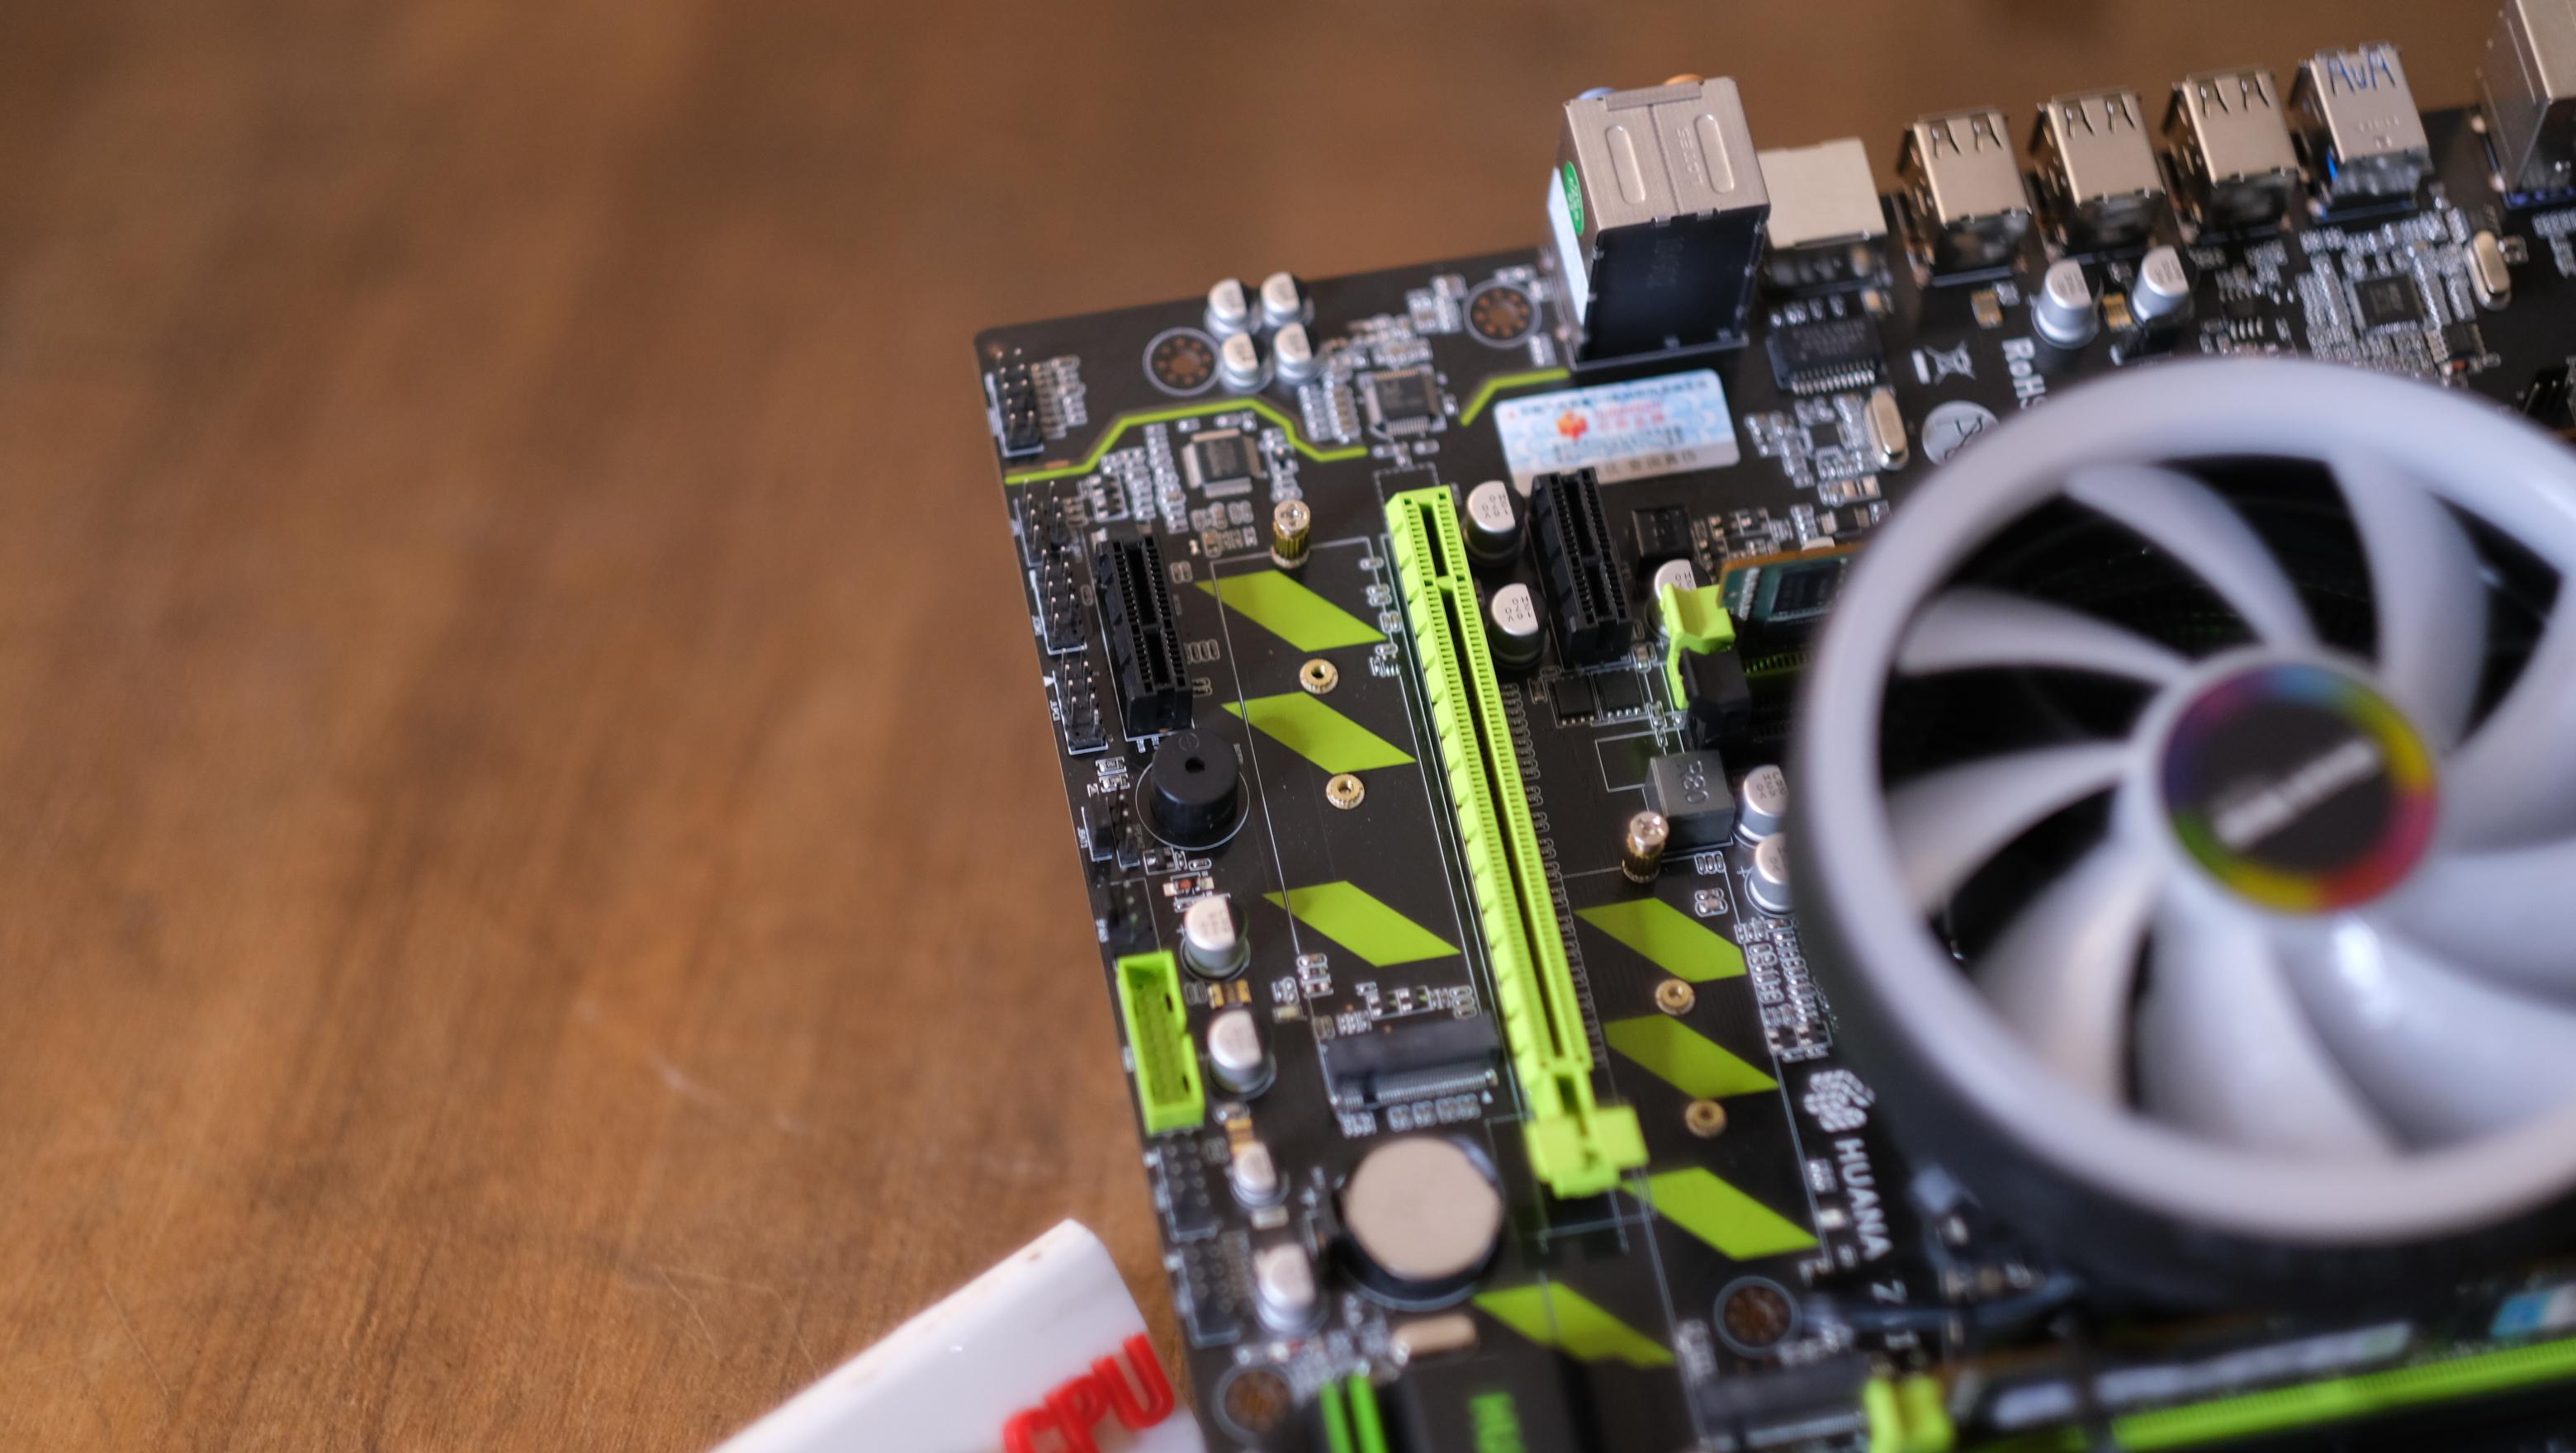 Xeon E5 2650 v2 Turbo 3 4Ghz 8C 16T / X79 รองรับ M 2 /16GB DDR3 ECC